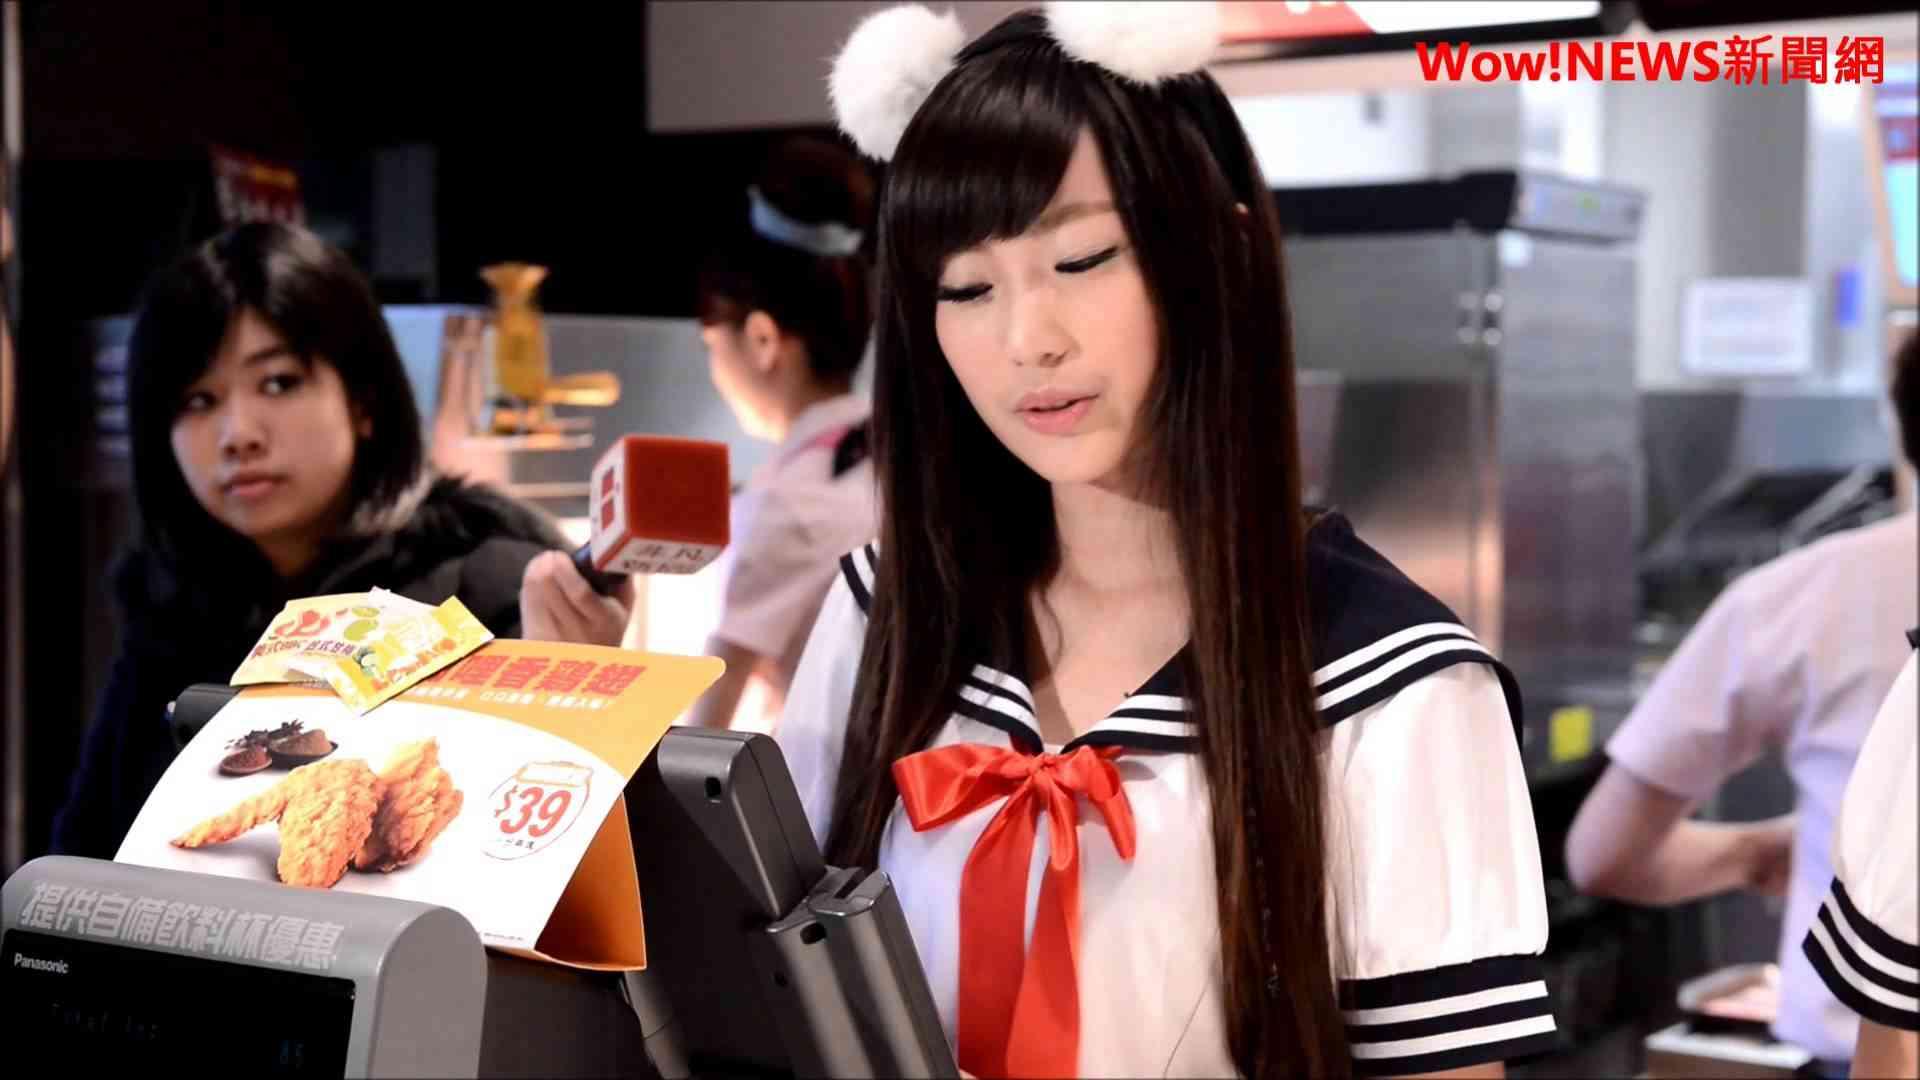 20131226 「麥當勞之花」張楚珊超萌貓耳水手服現身 直呼緊張卻很開心! - YouTube